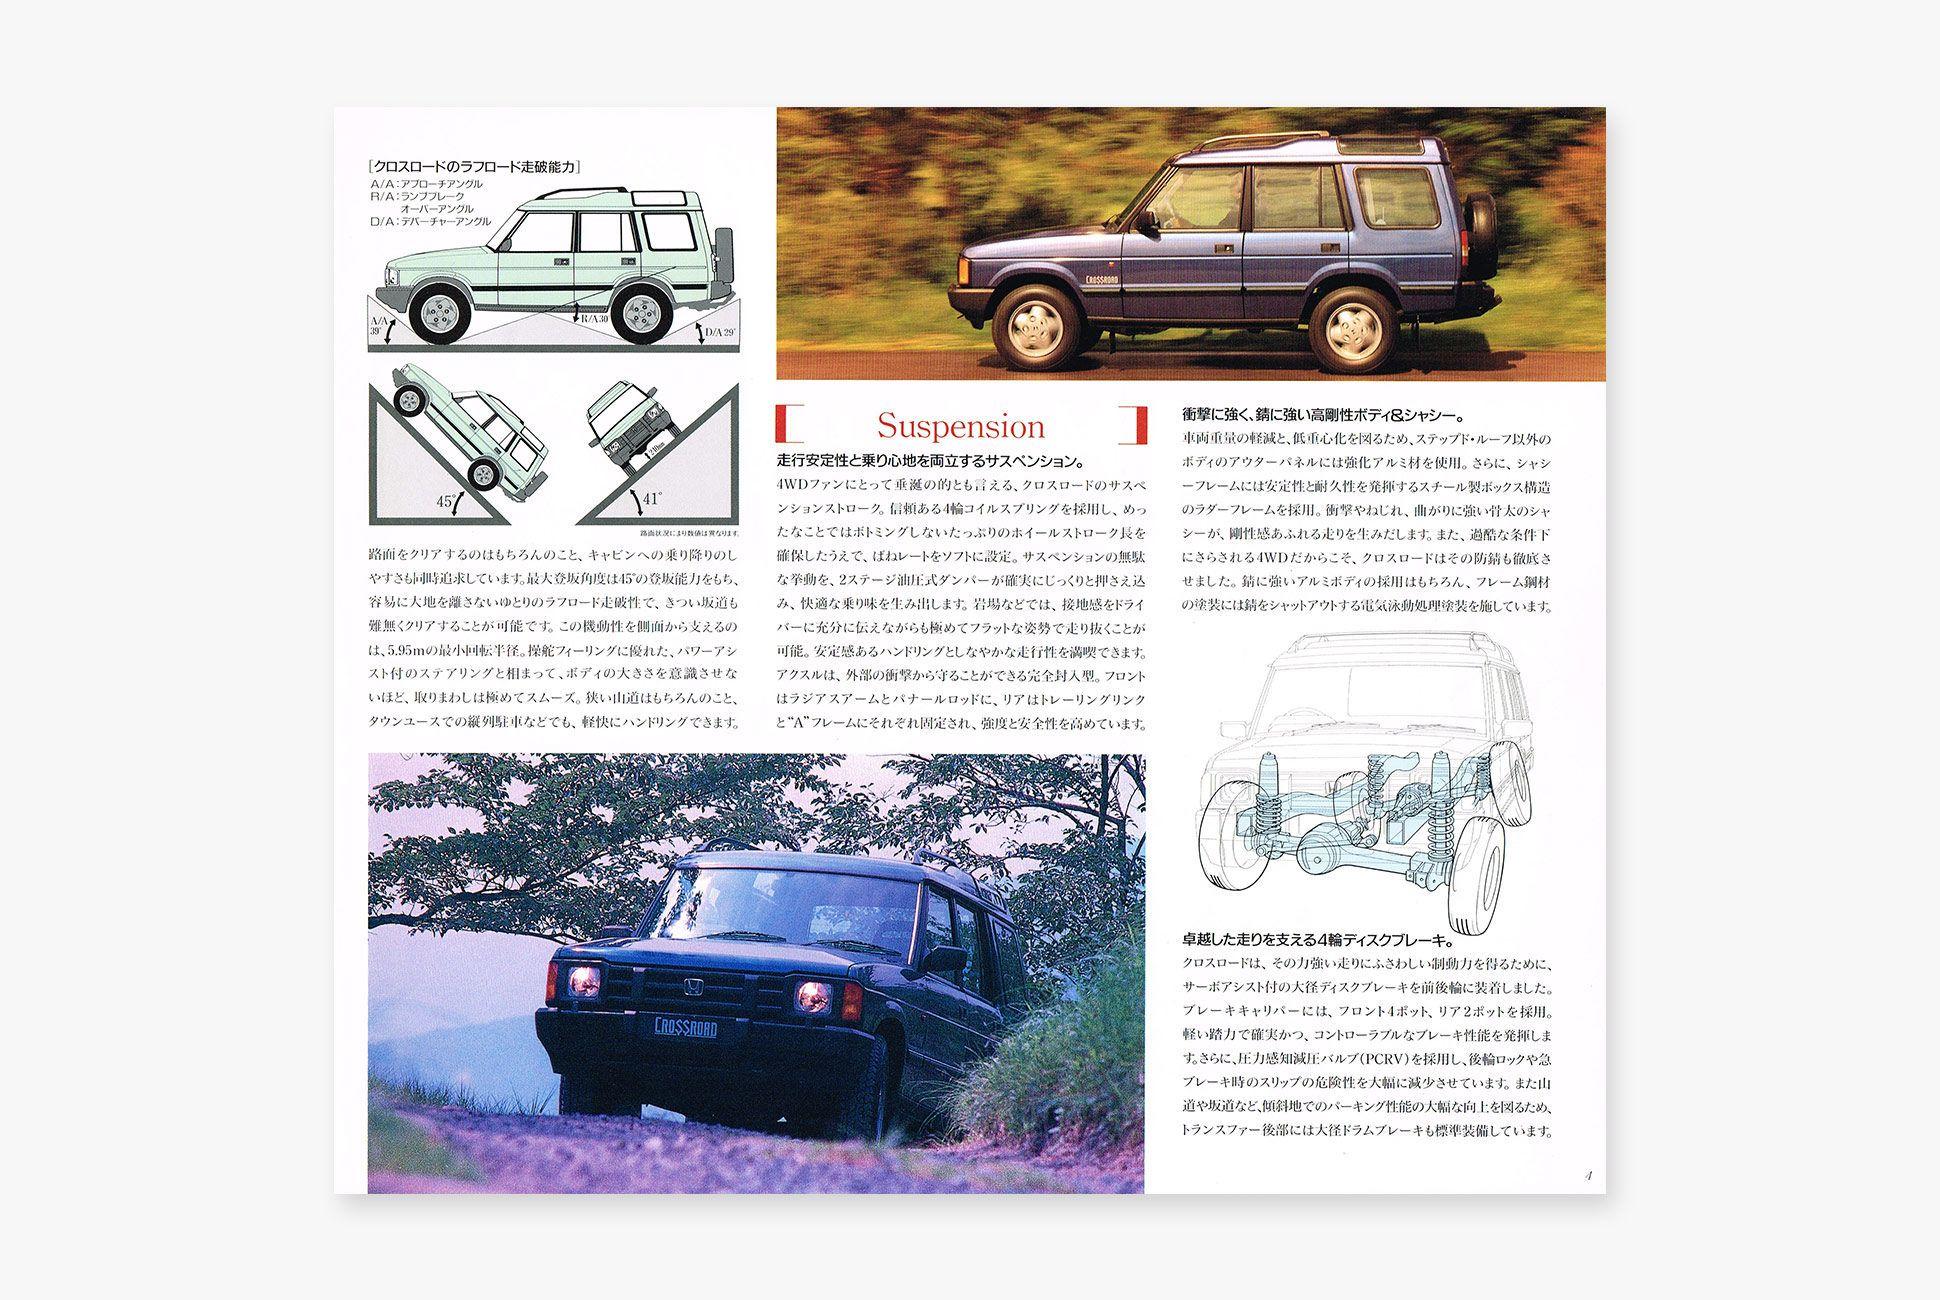 Honda-Crossroad-Land-Rover-gear-patrol-slide-5